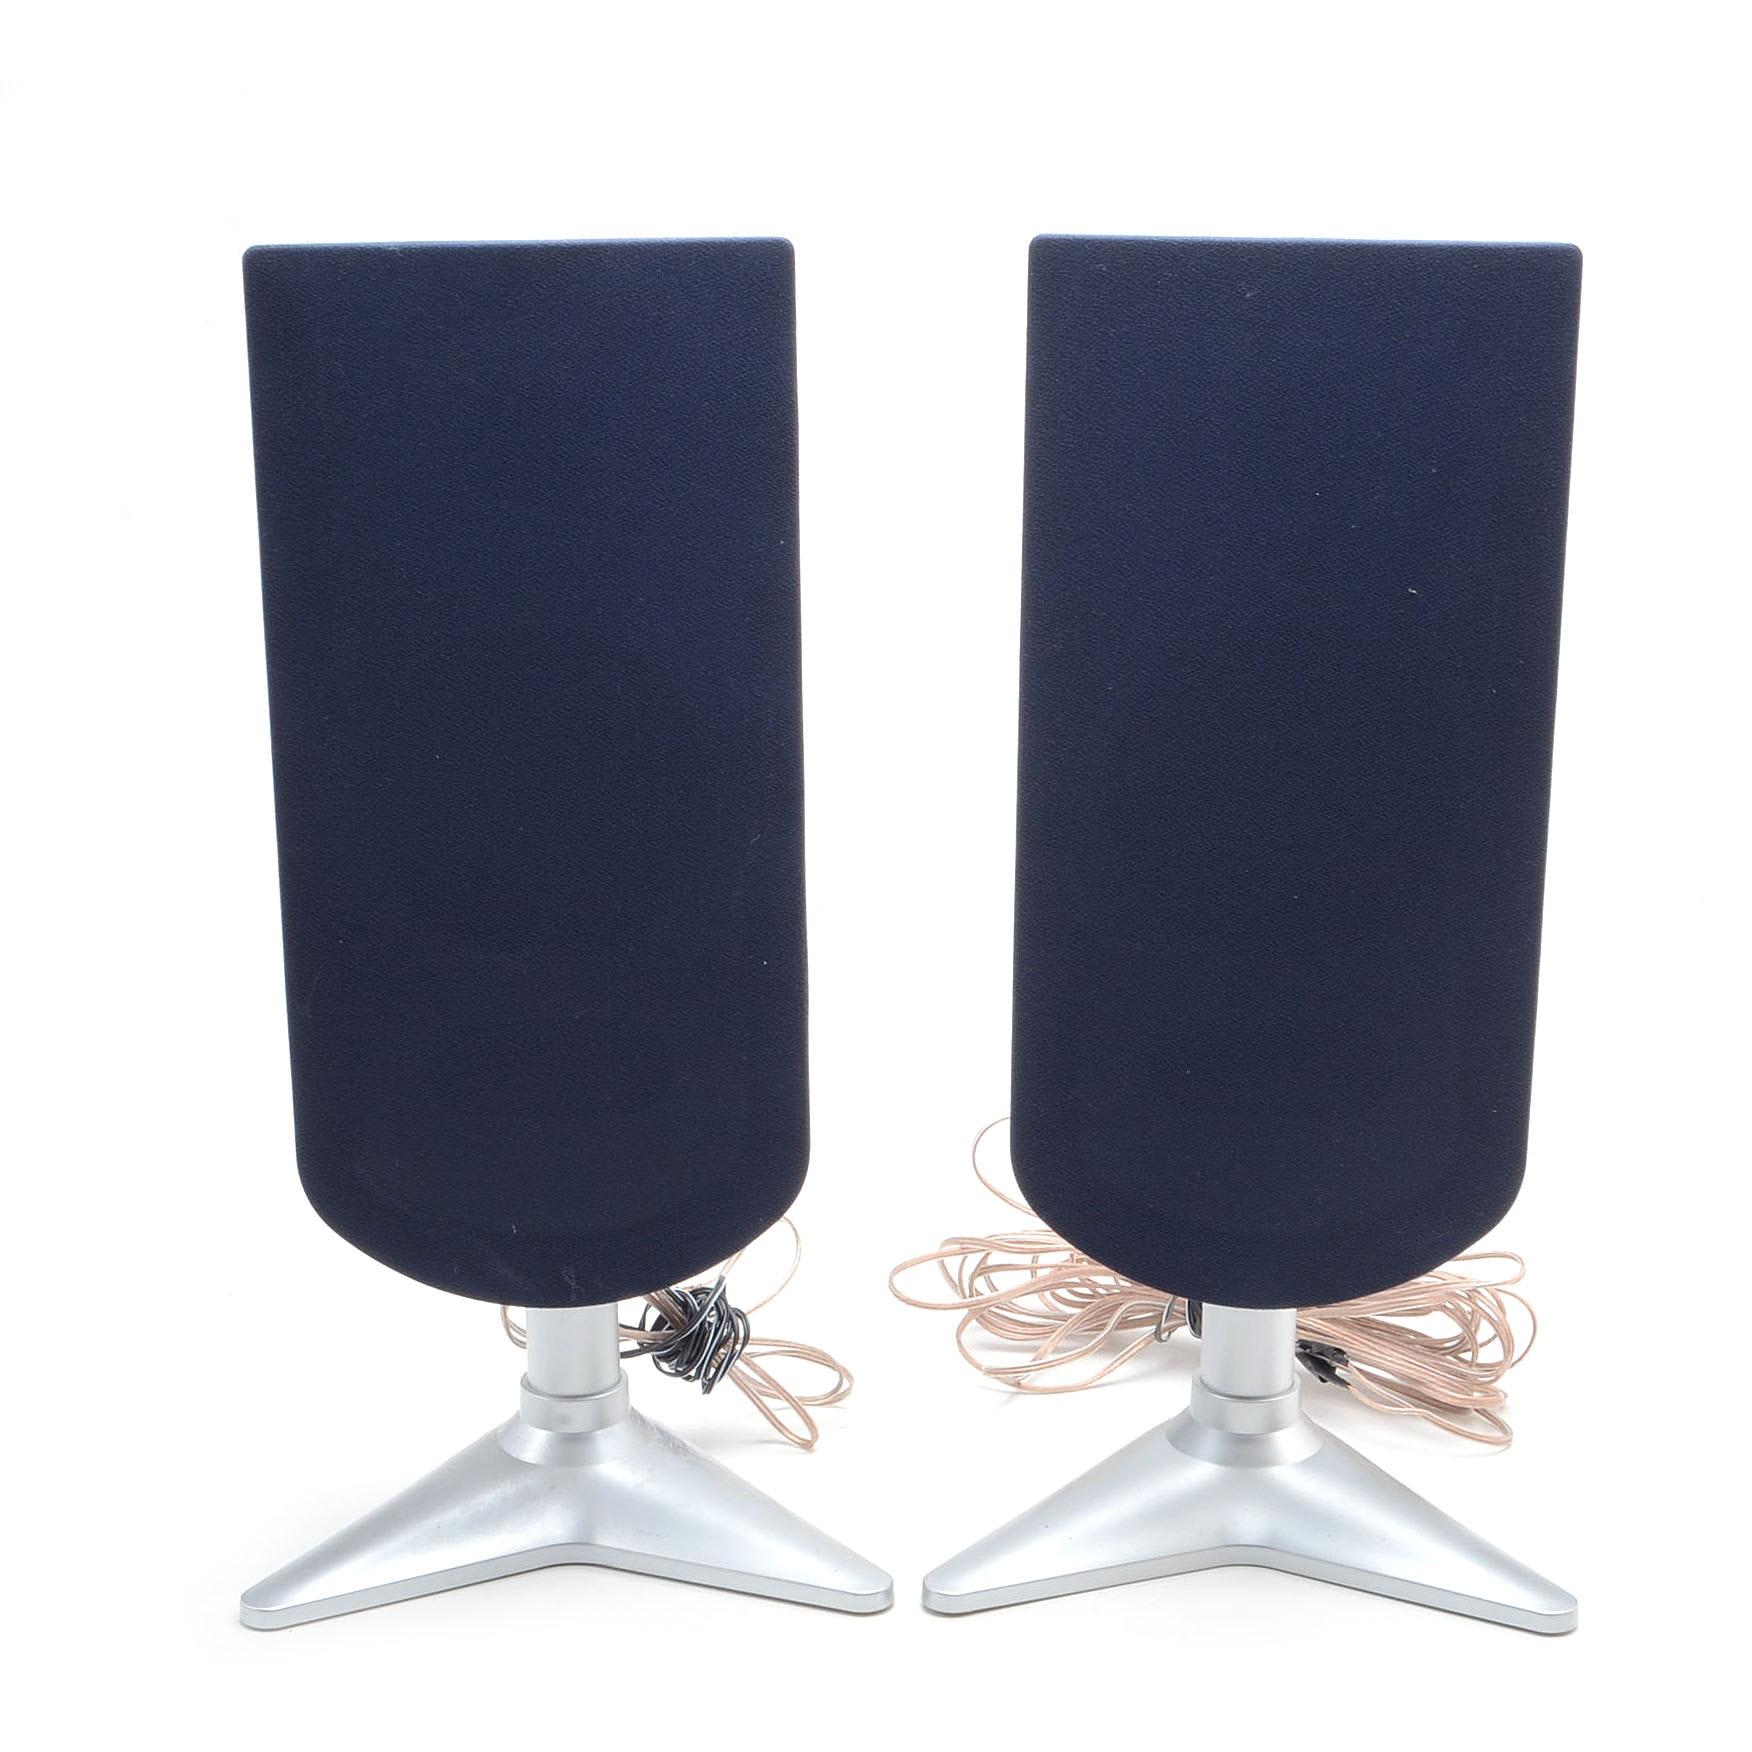 Pair of Freestanding Speakers